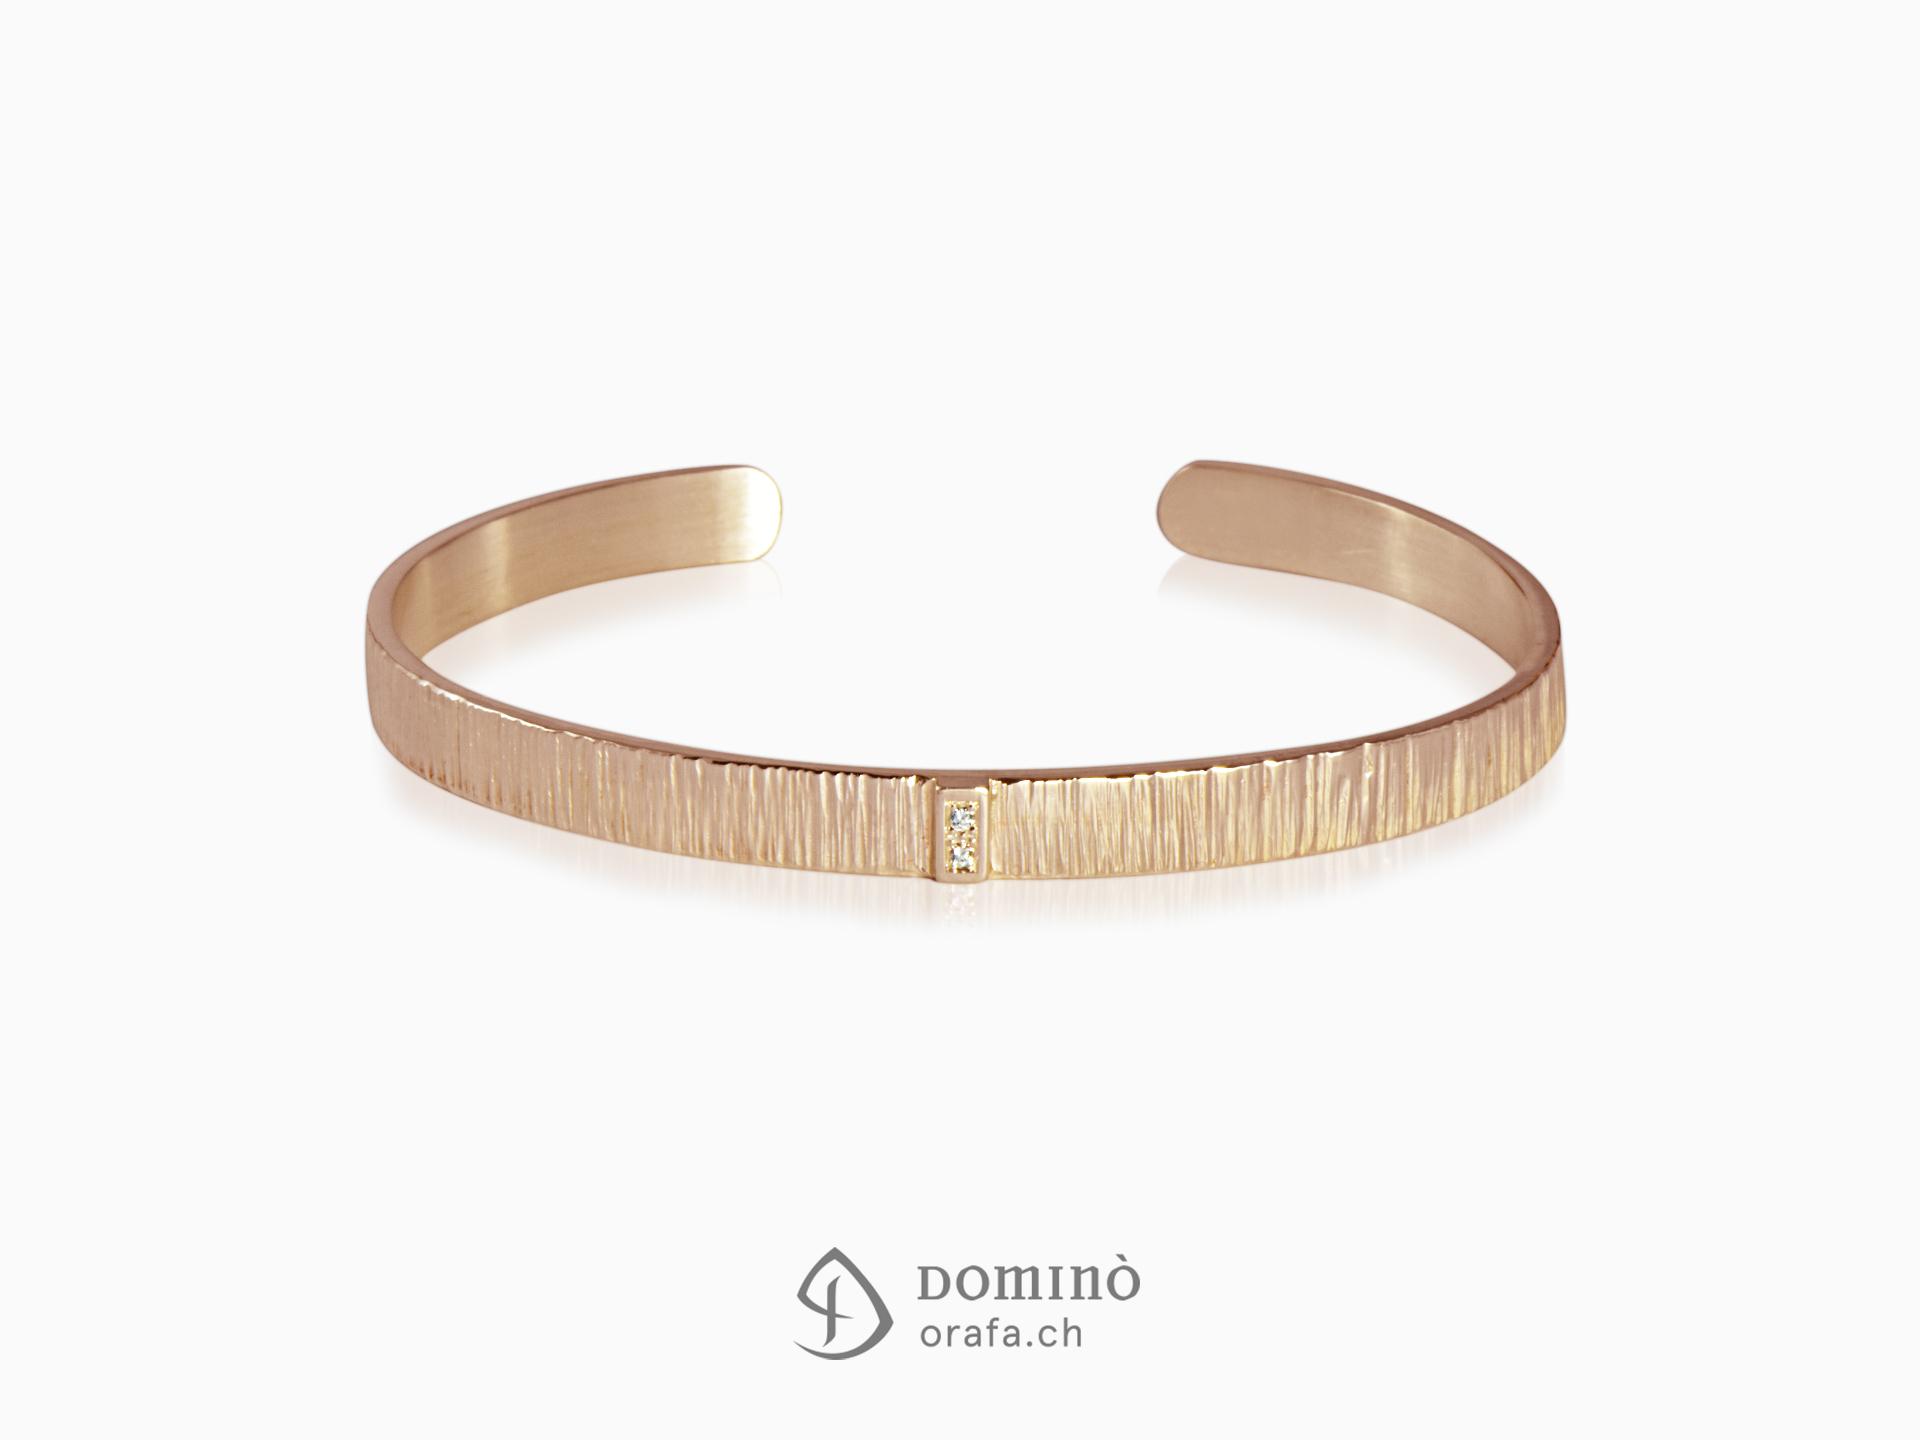 bracciale-rigido-linee-due-diamanti-pave-oro-rosso